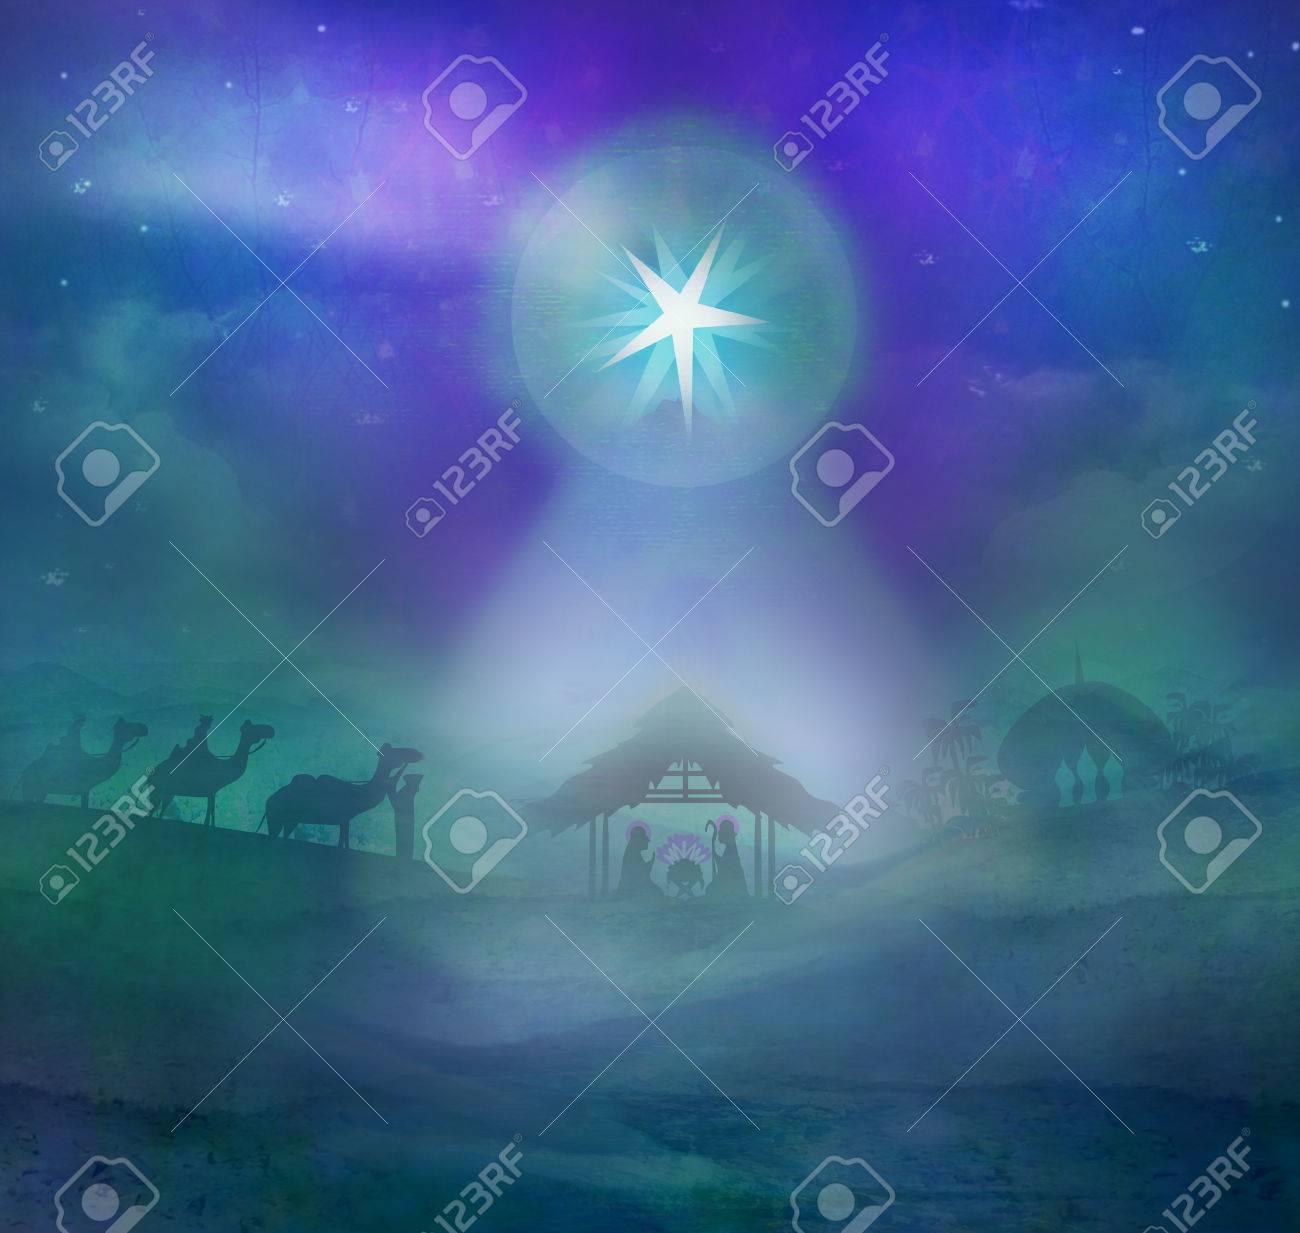 Biblical scene - birth of Jesus in Bethlehem. - 33571206